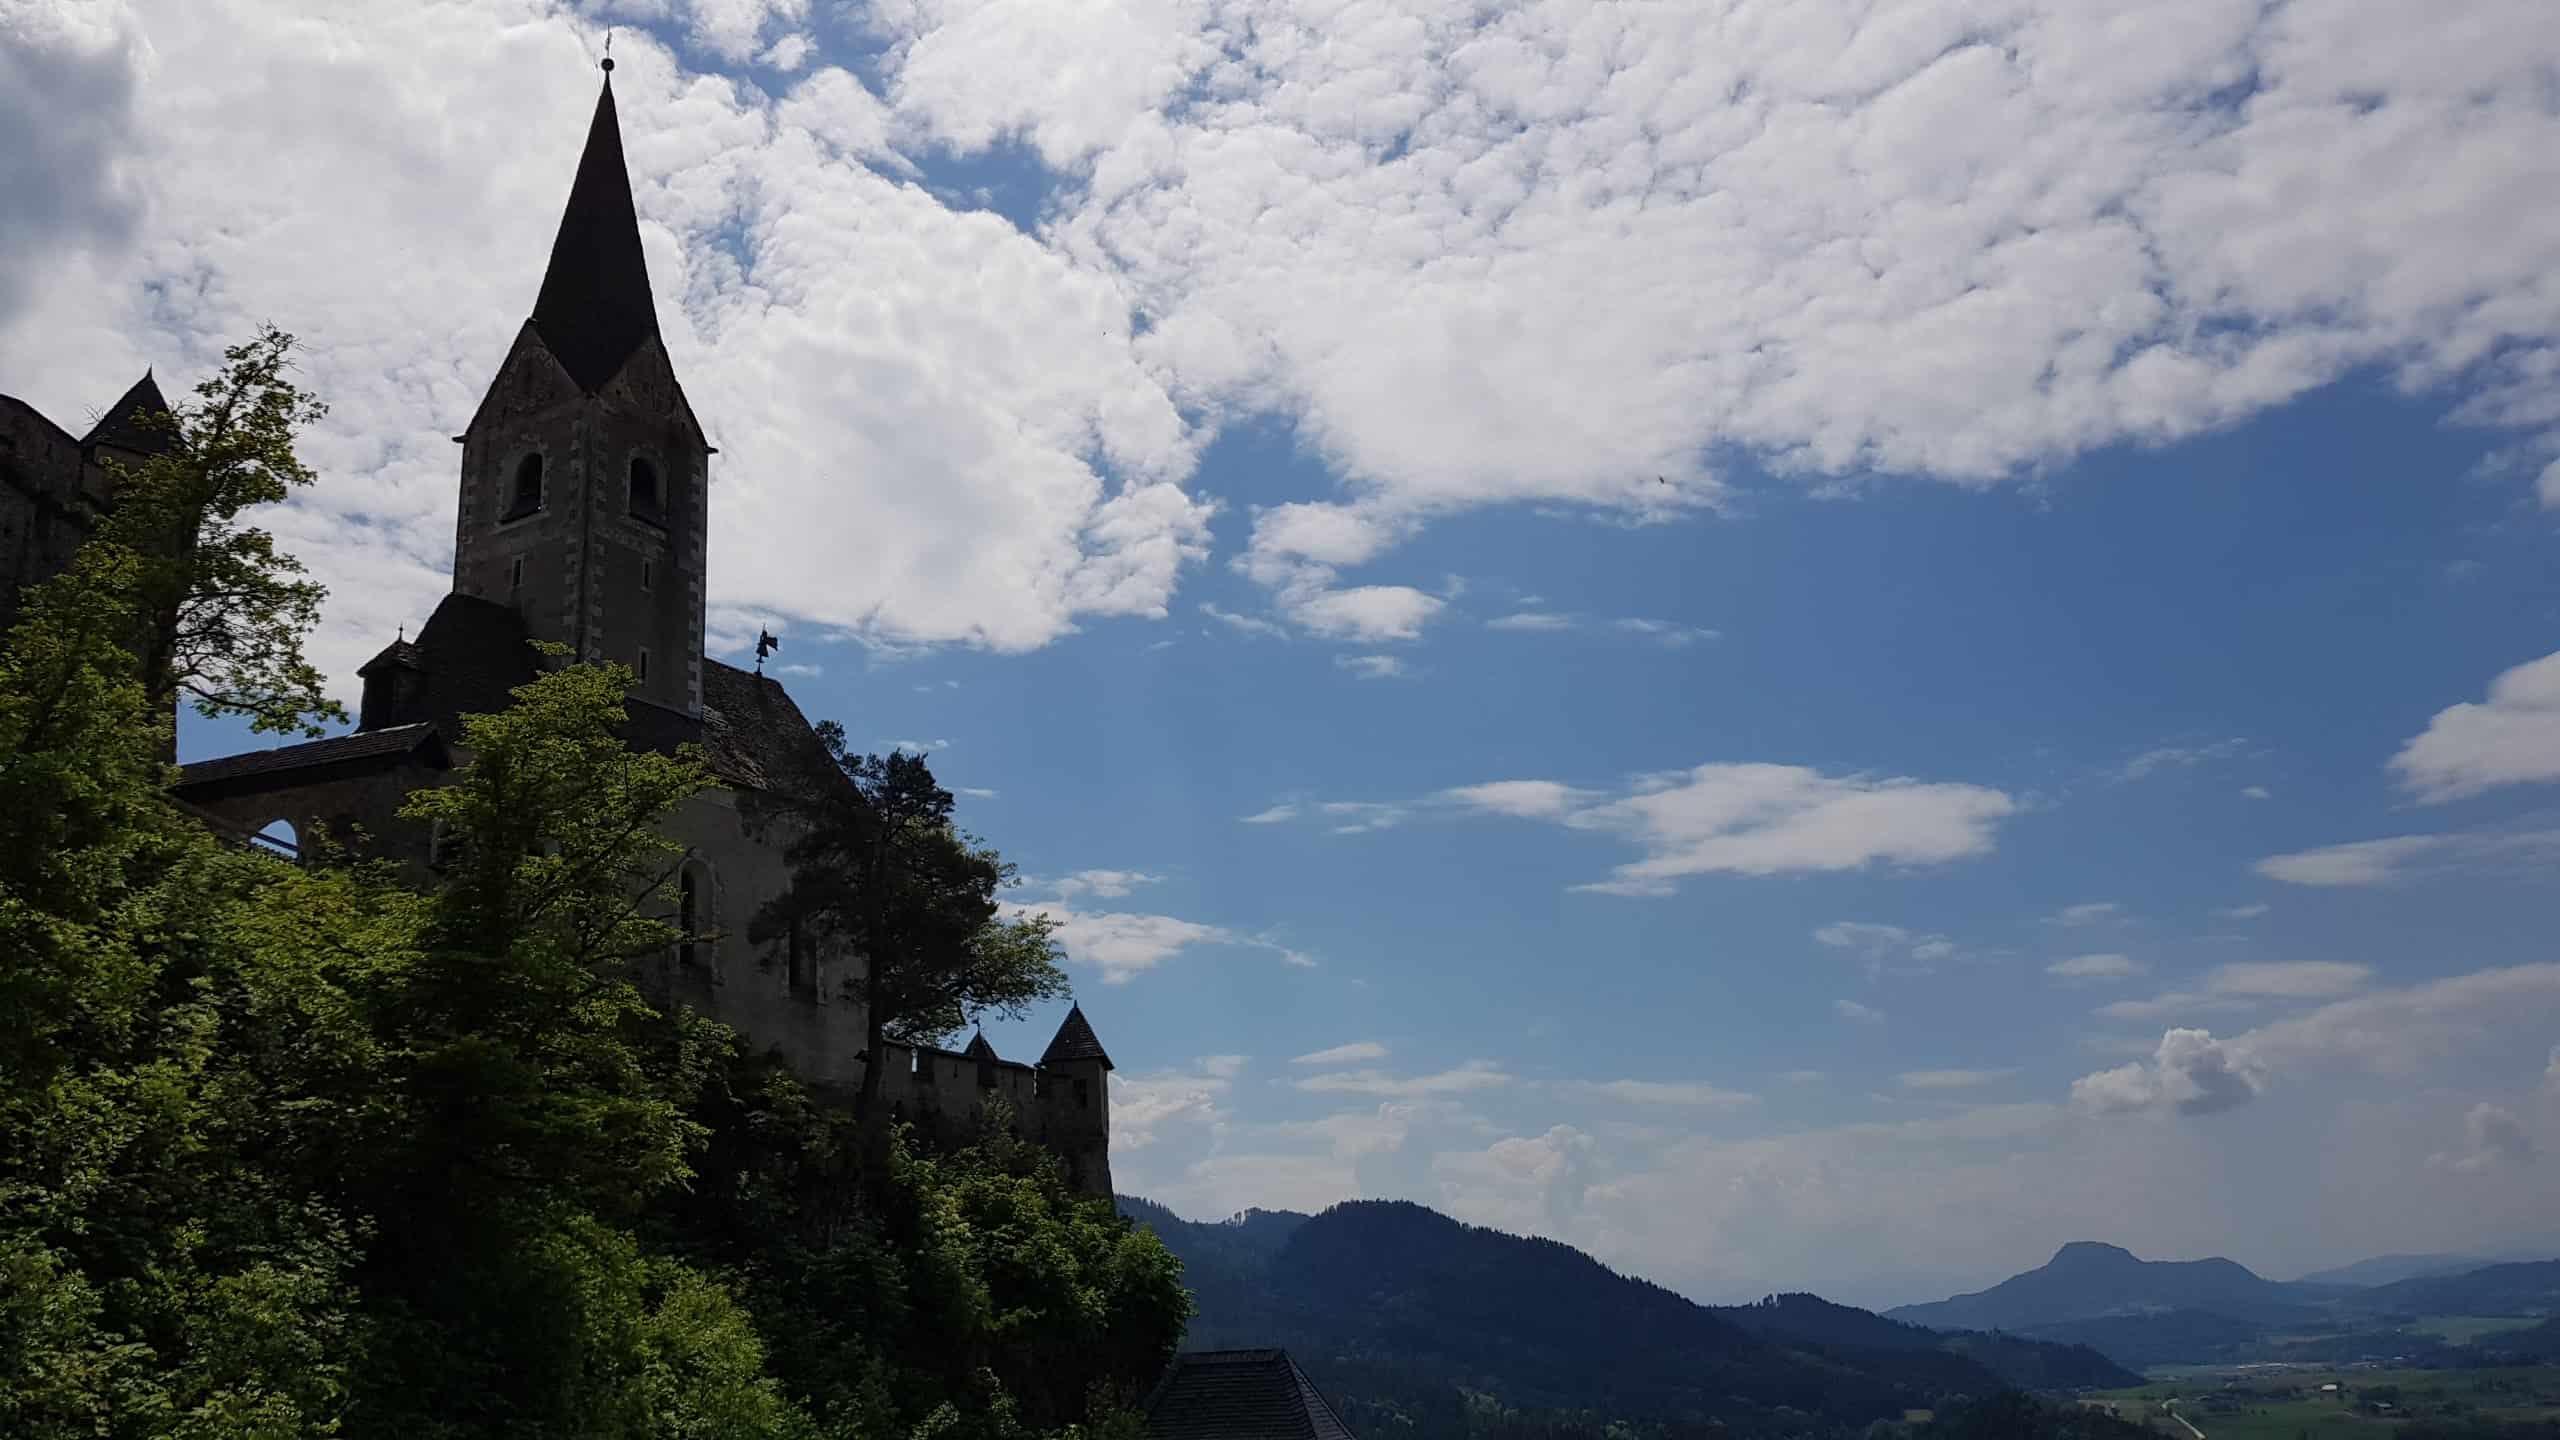 Ausblick auf Kärnten und Burgkirche auf Burg Hochosterwitz bei Wanderung auf die Burg in Mittelkärnten.